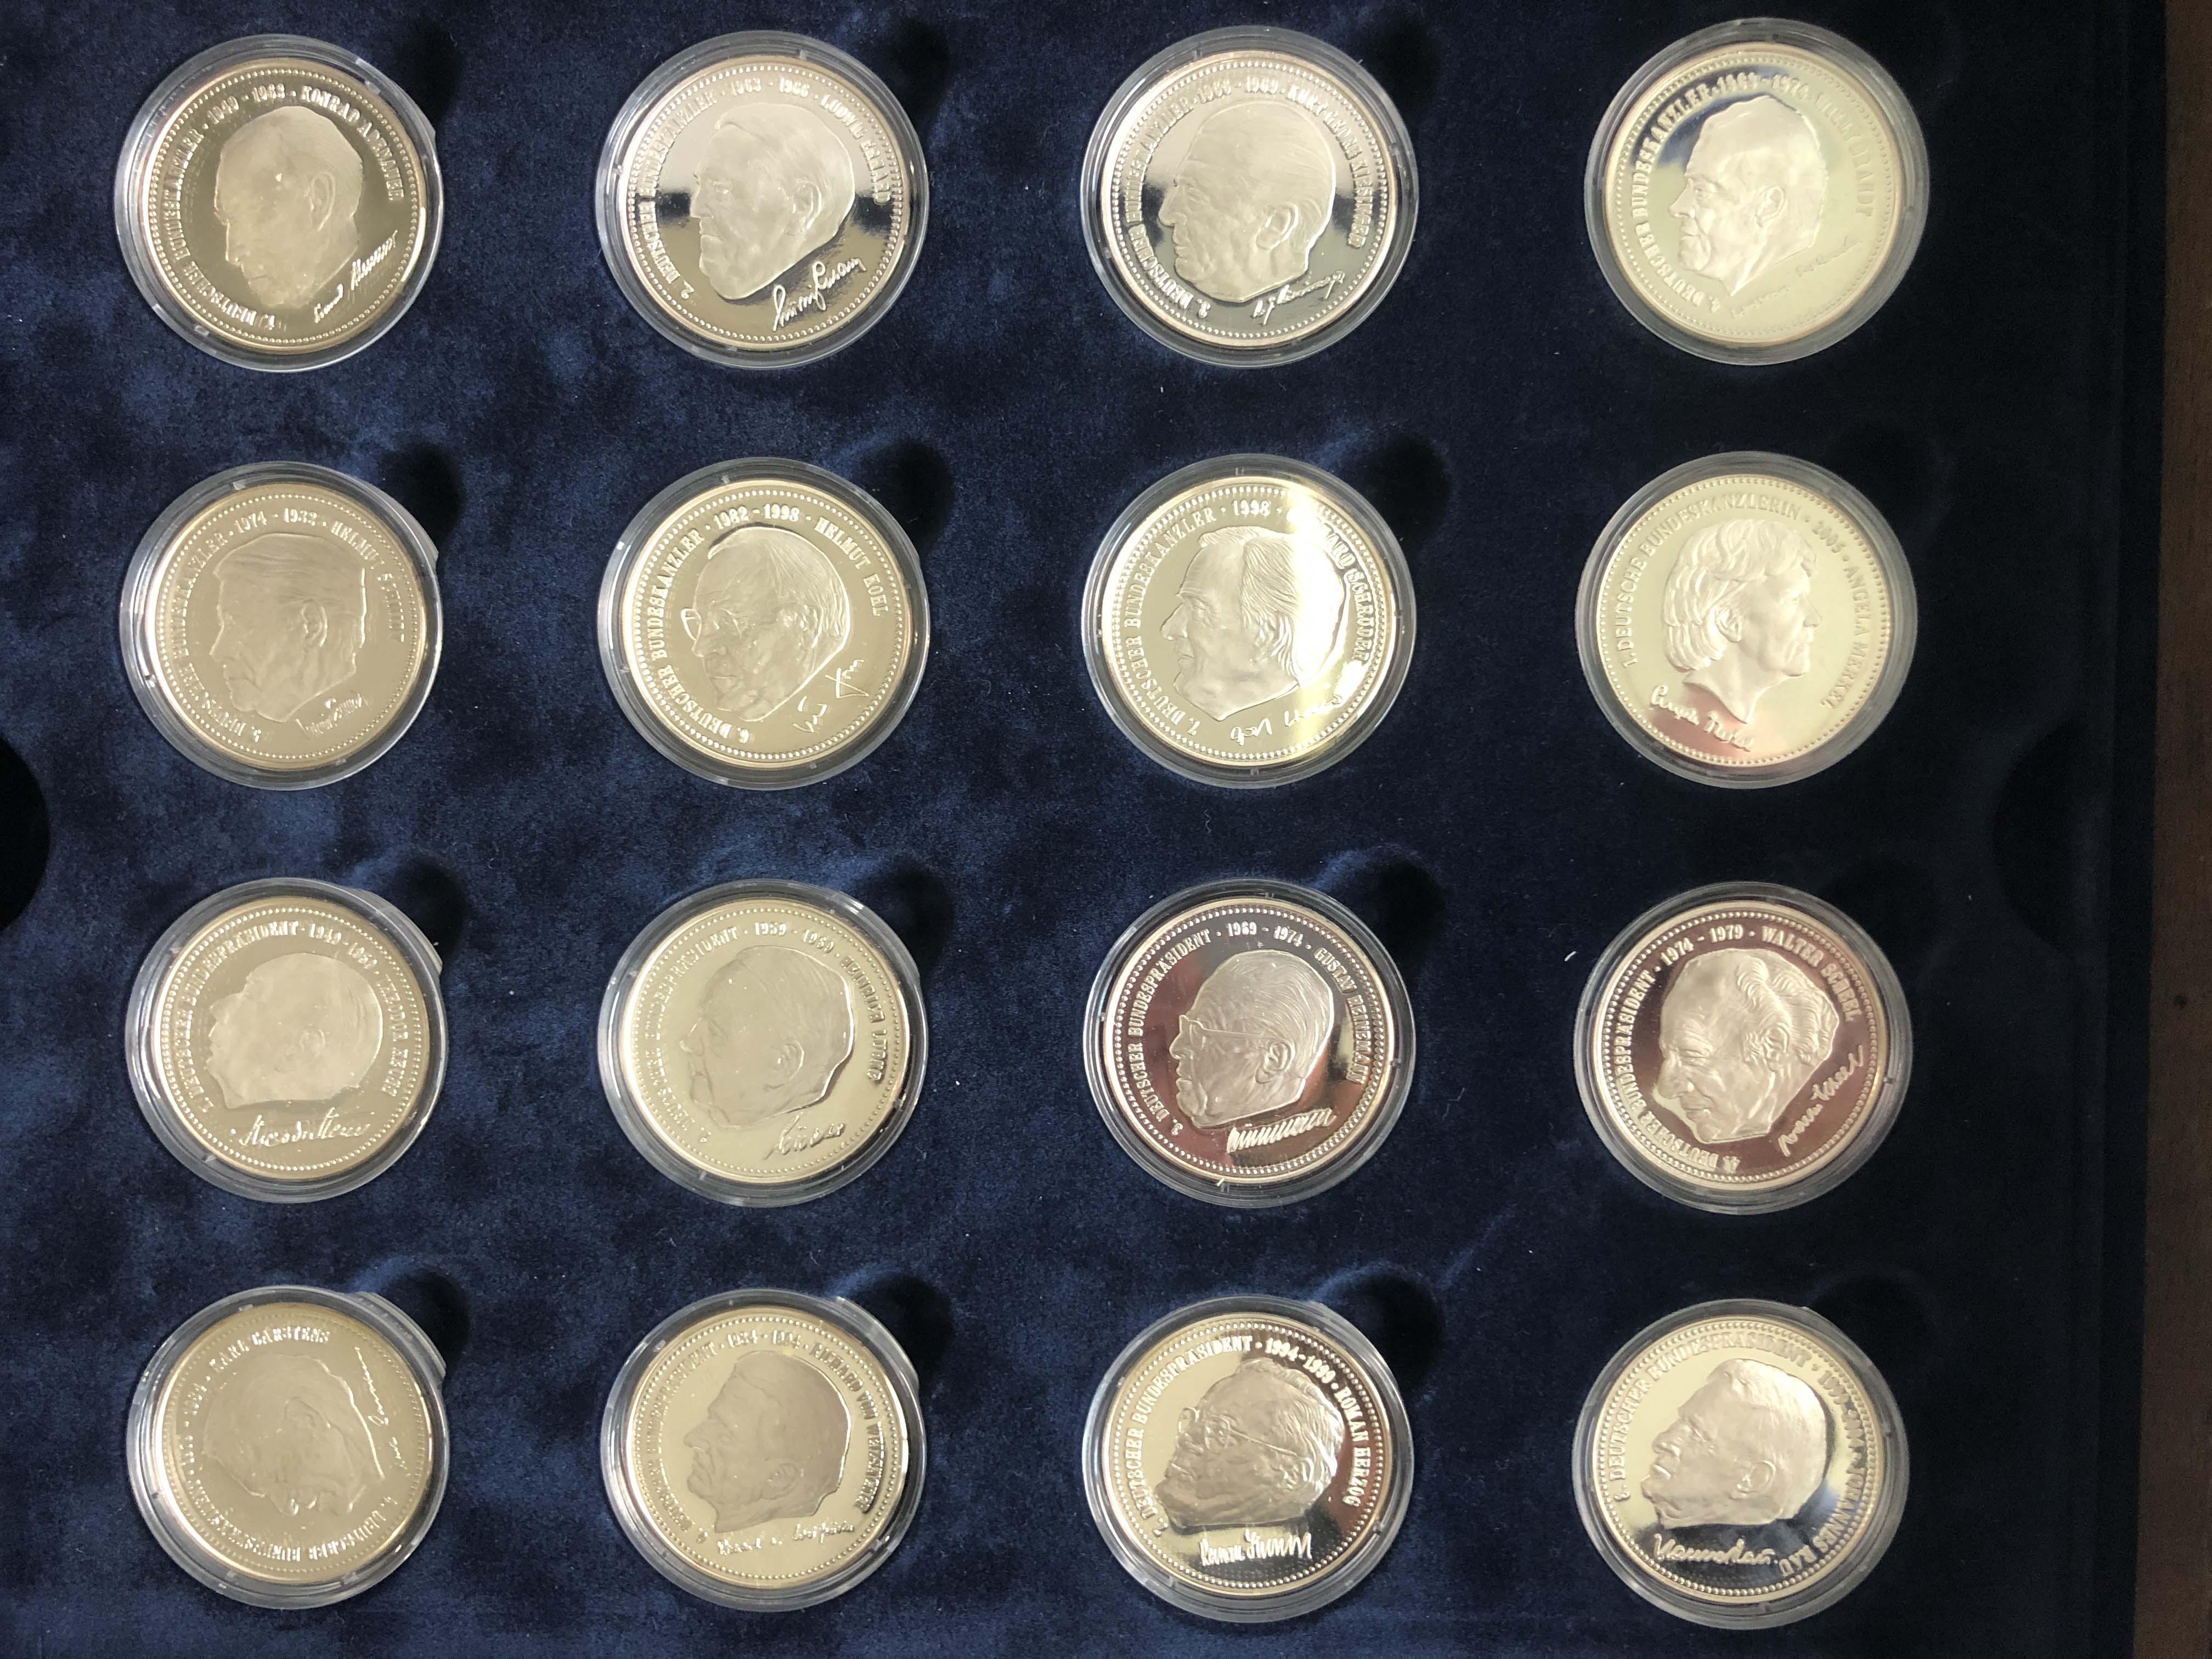 Lot 2673 - Sammlungen Medaillen Deutschland S -  Auktionshaus Ulrich Felzmann GmbH & Co. KG Auction 169